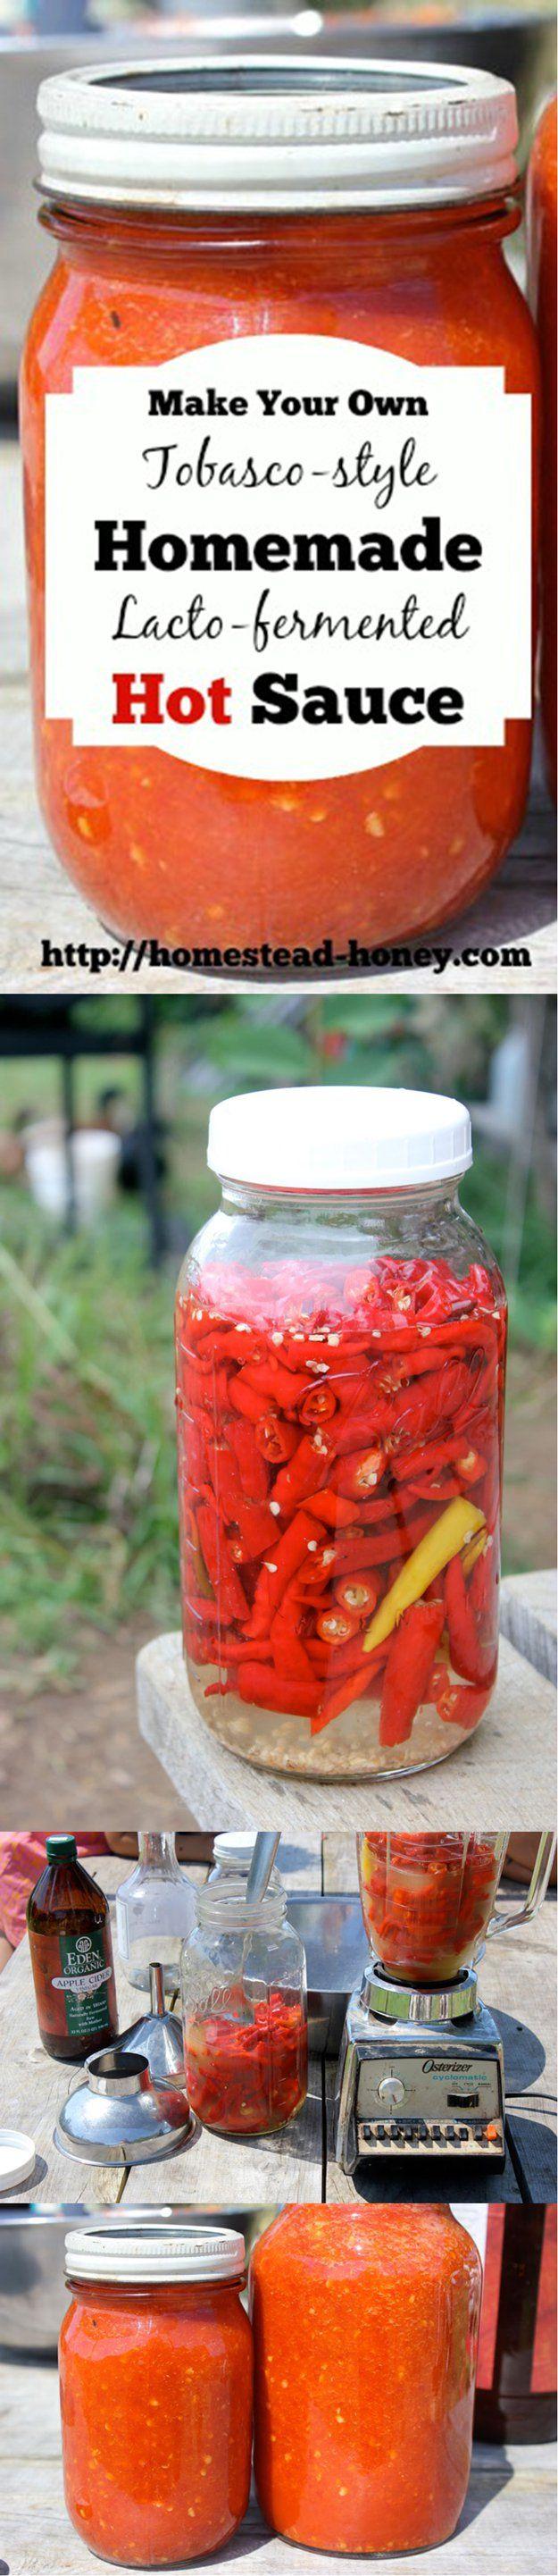 Homemade Receta Hot Sauce | http://artesaniasdebricolaje.ru/top-14-hot-sauce-recipes/